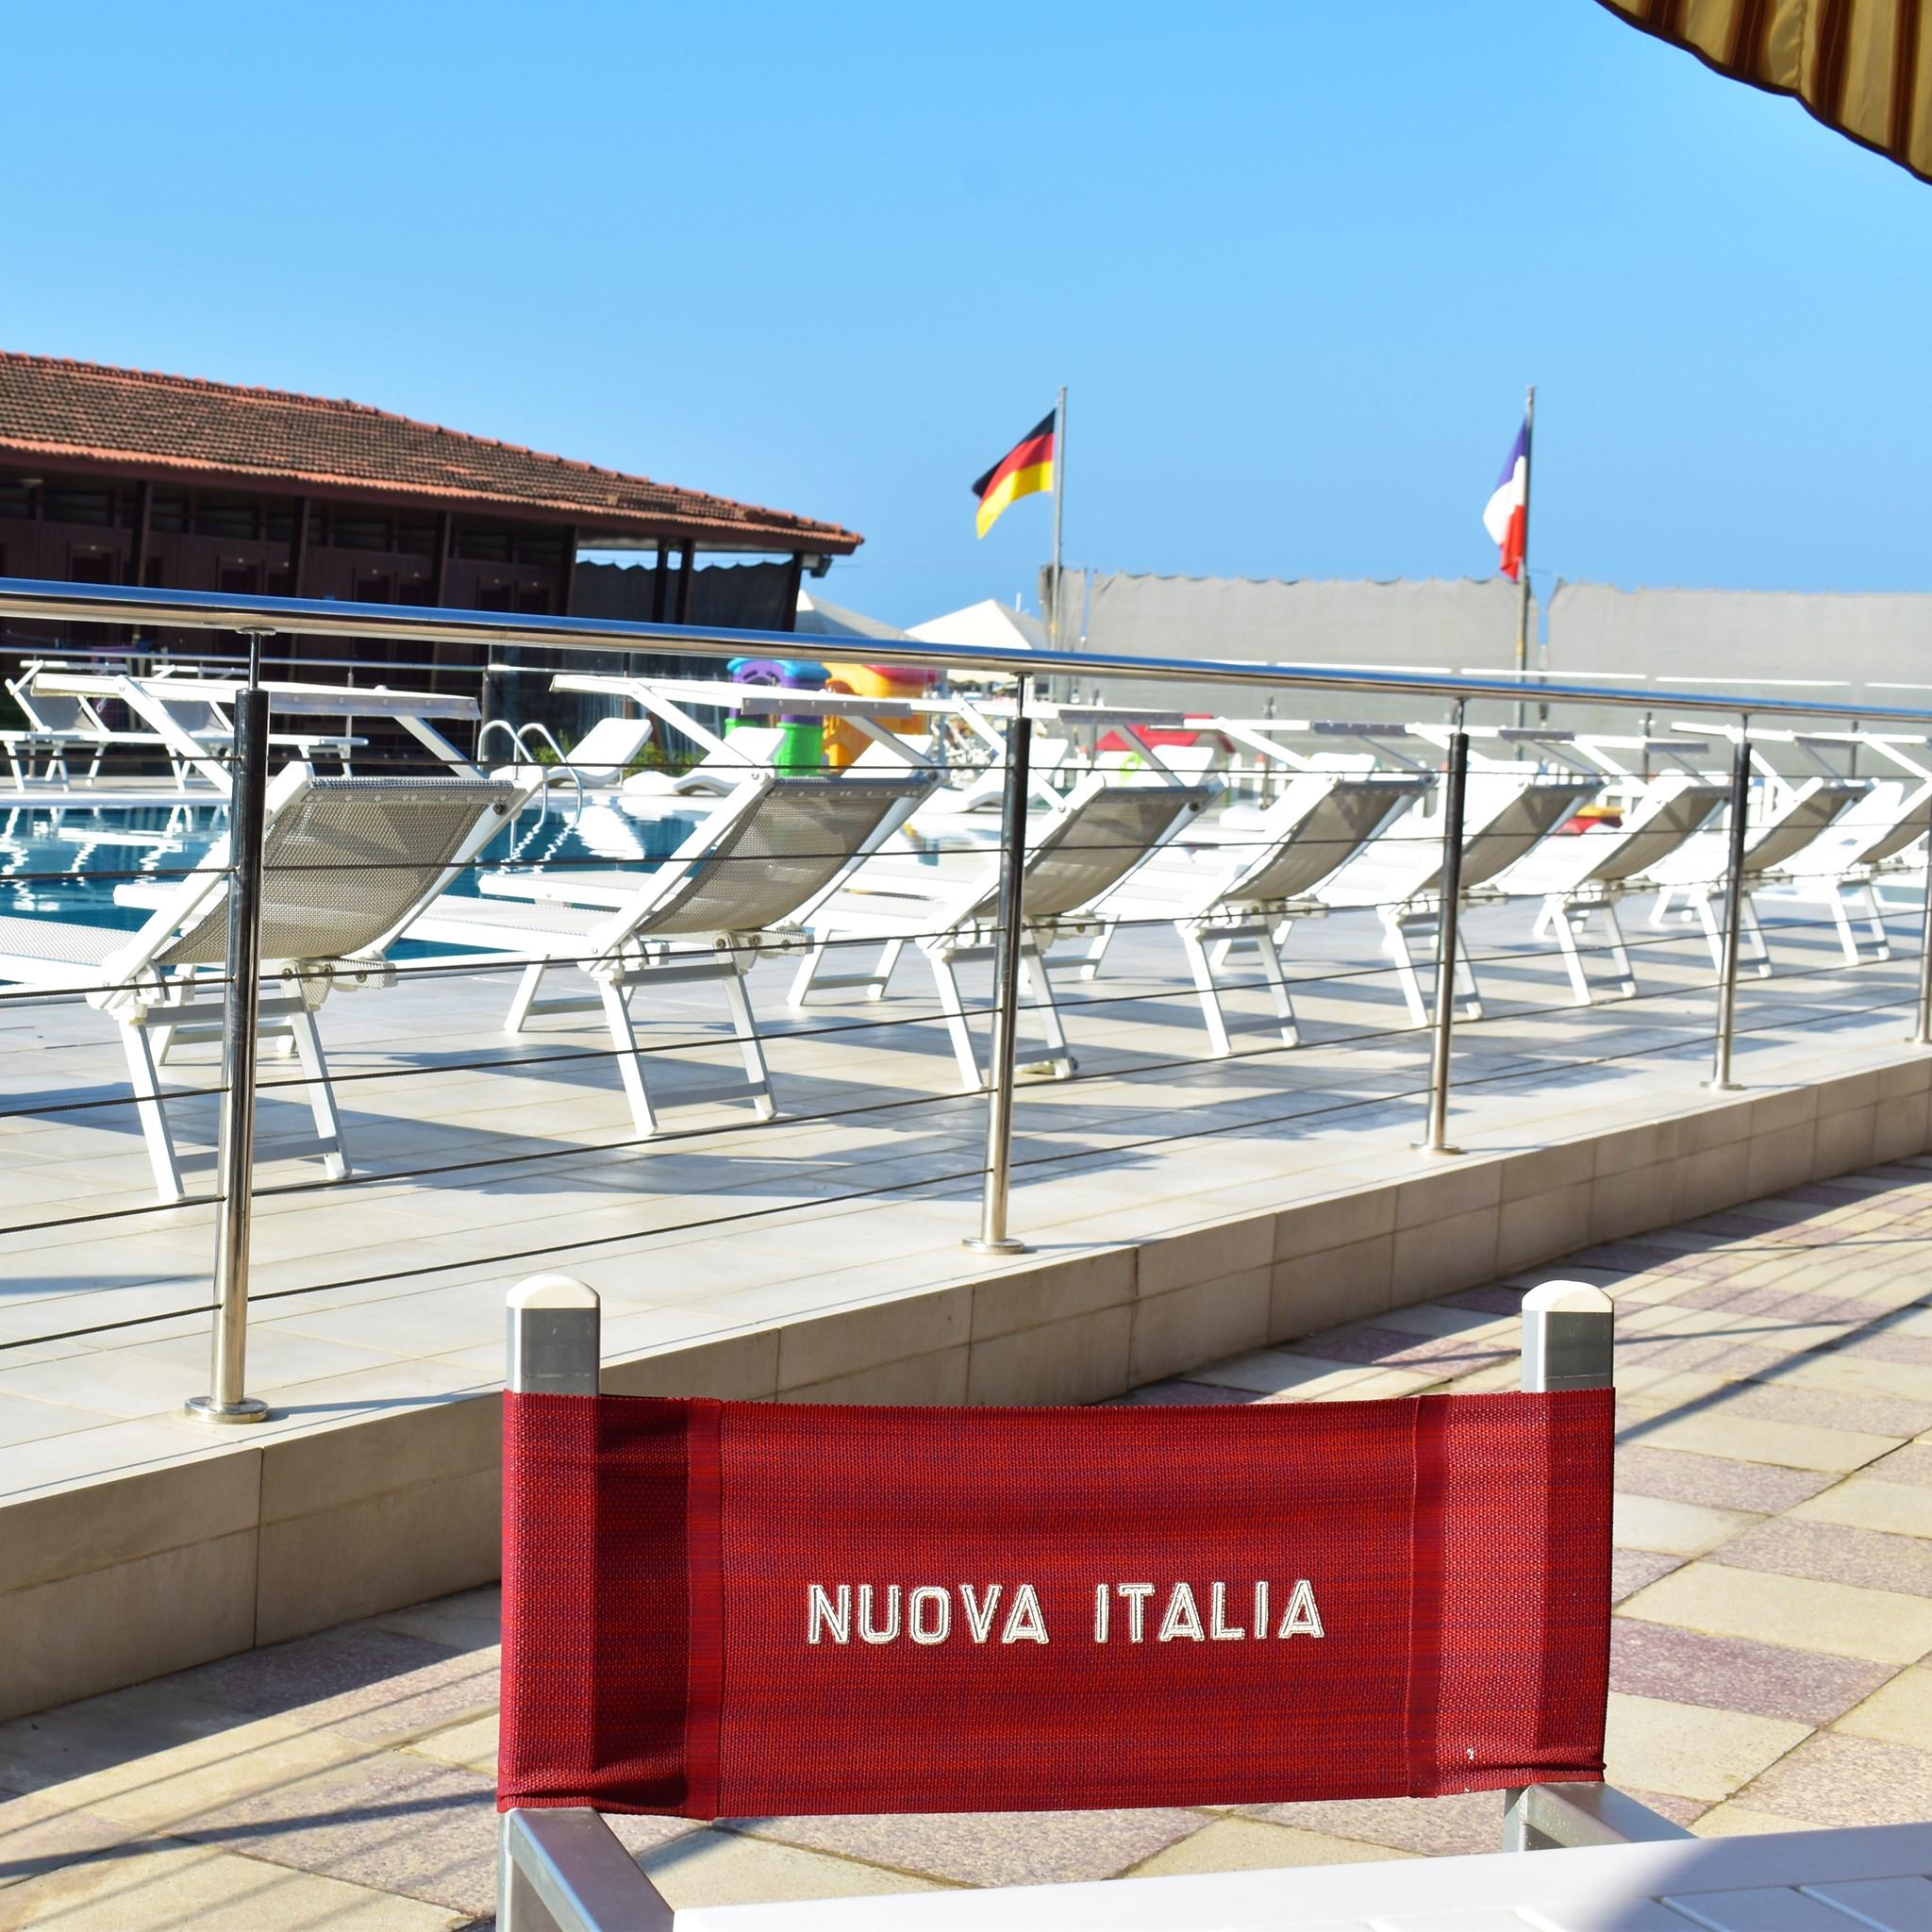 Bagno Nuova Italia